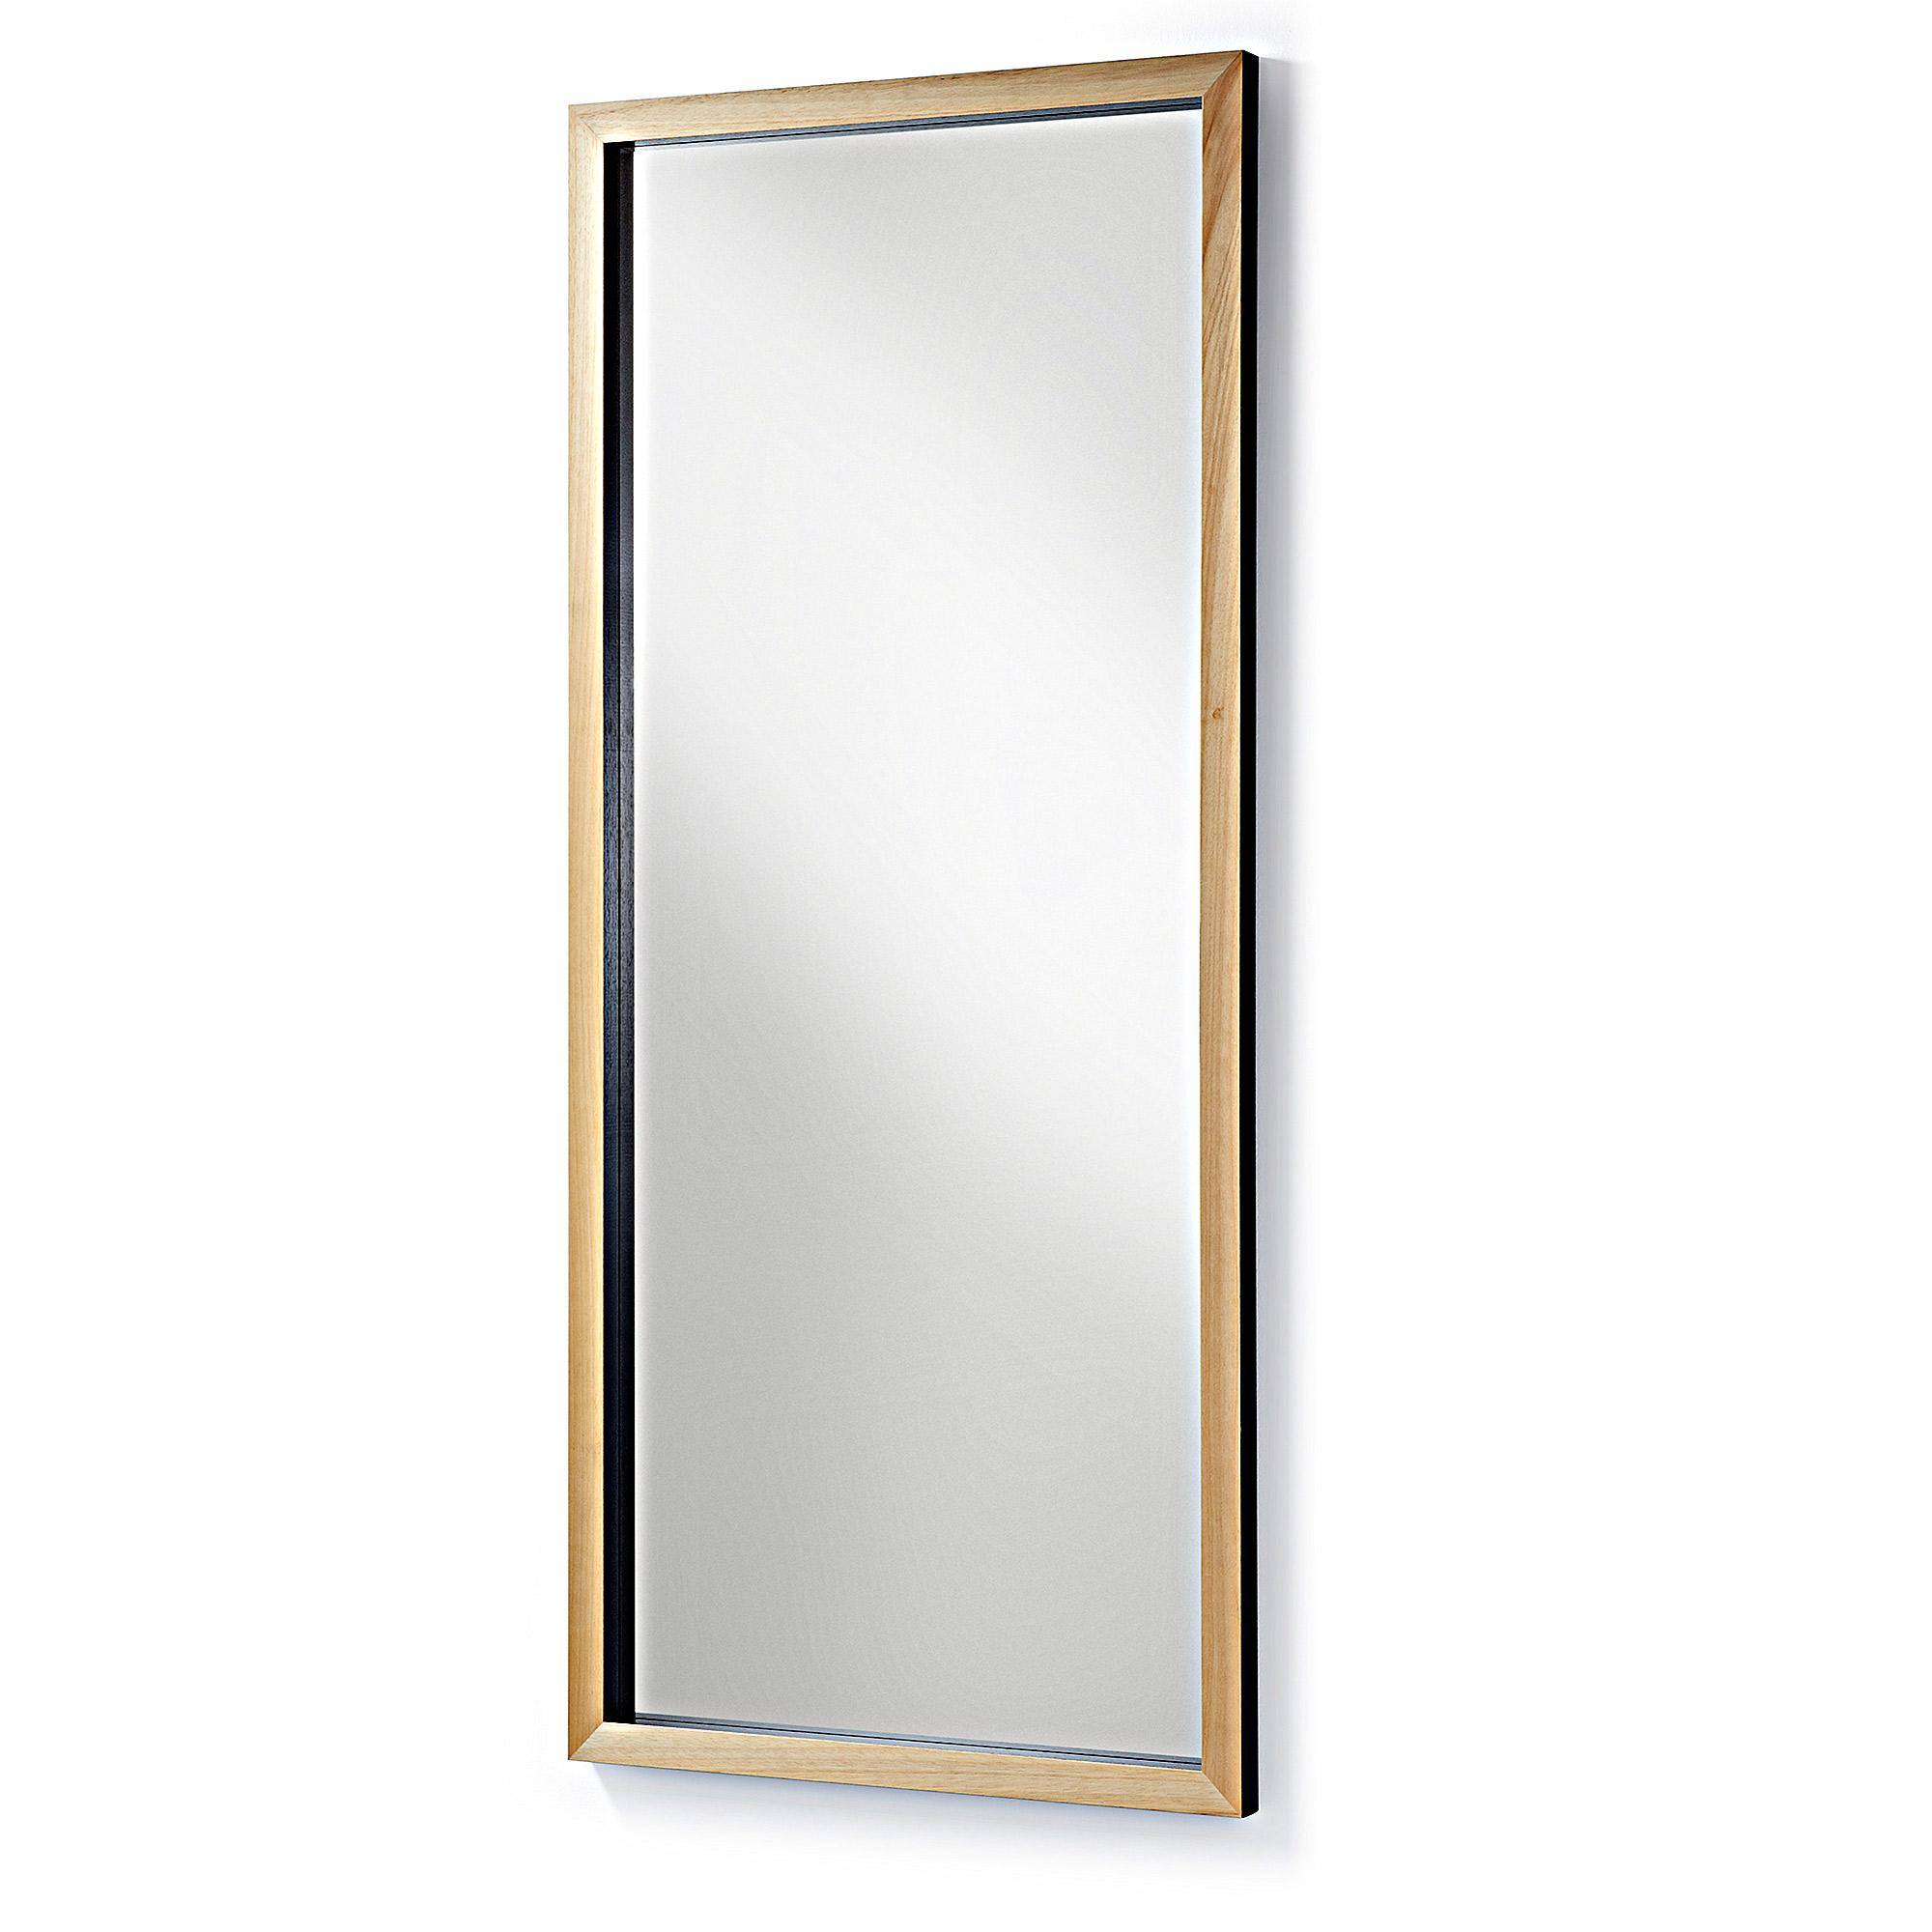 Зеркало drop (la forma) черный 78x178x4 см.